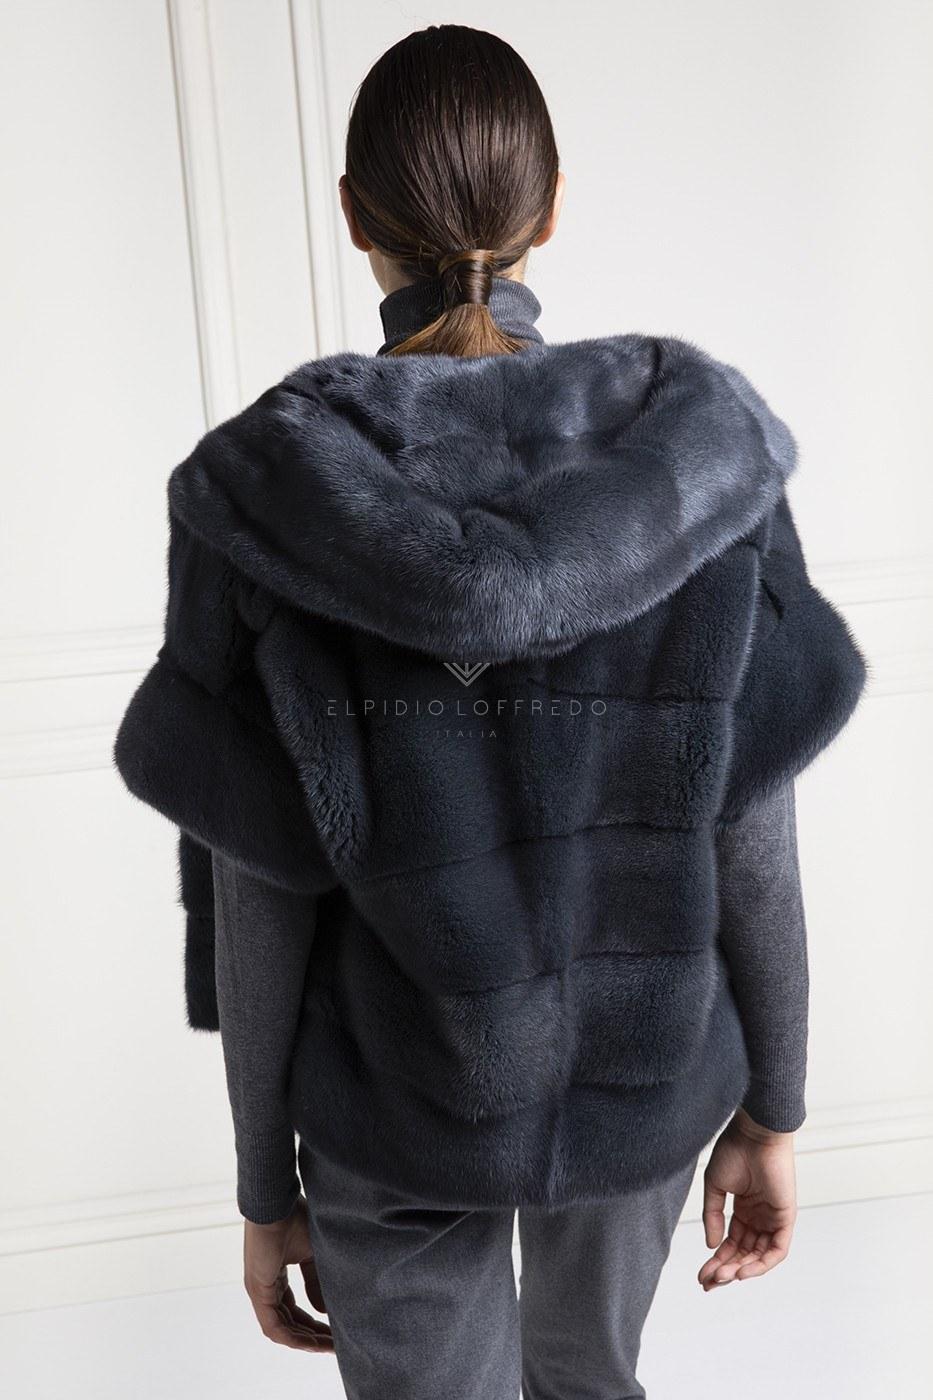 Giacca di Visone Grigio con Cappuccio - Lunghezza 70 cm